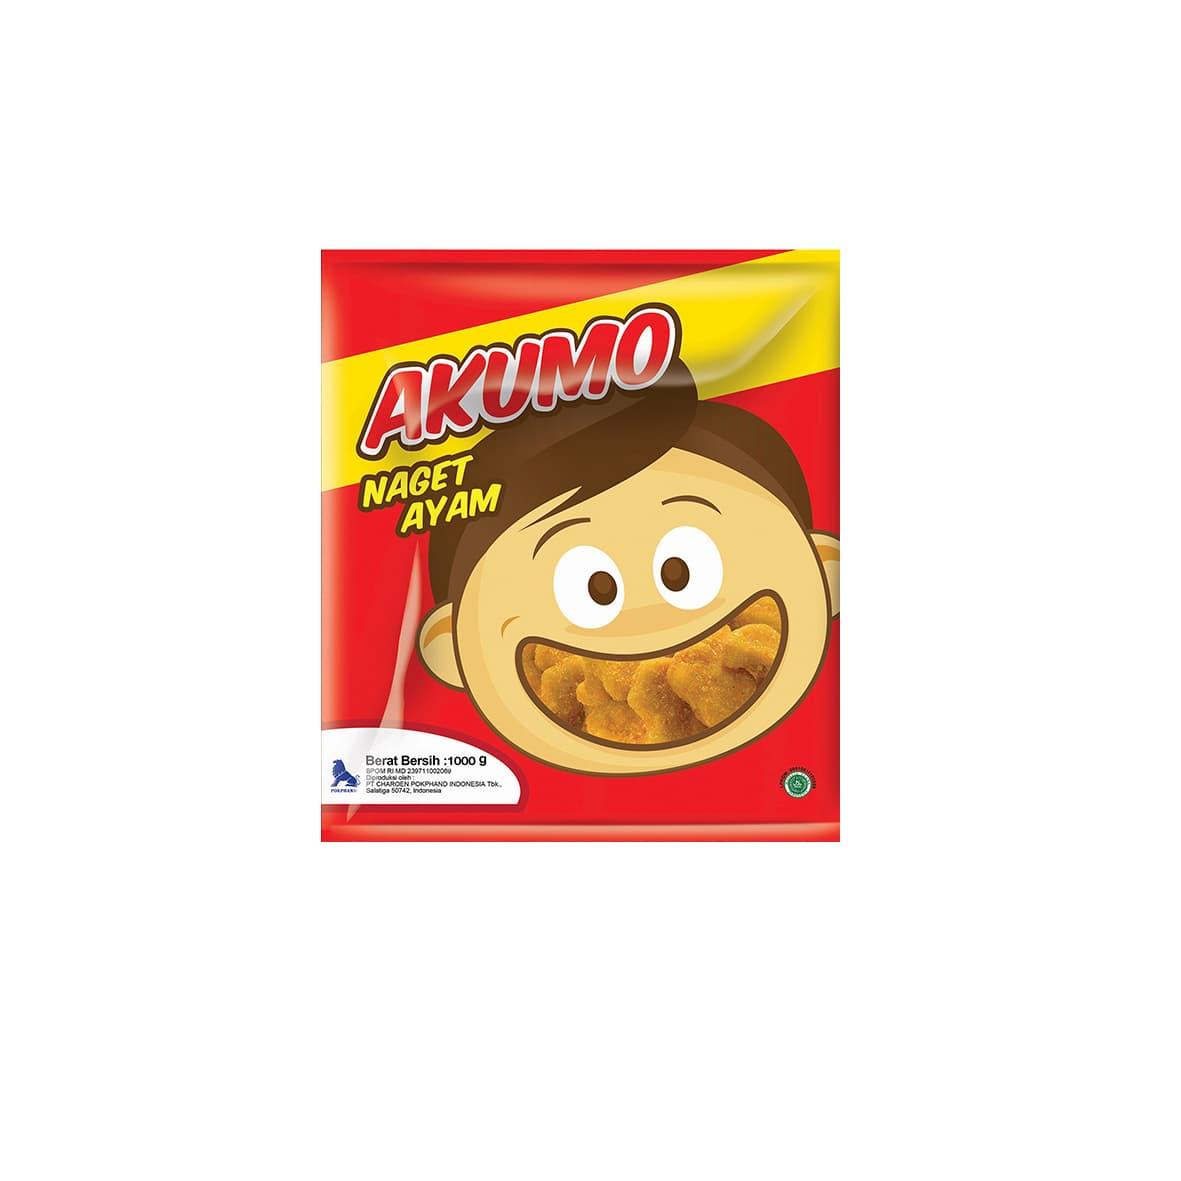 Akumo Paket Chicken Naget Makanan Instant 1 Kg (3 Pcs) - Blanja.com